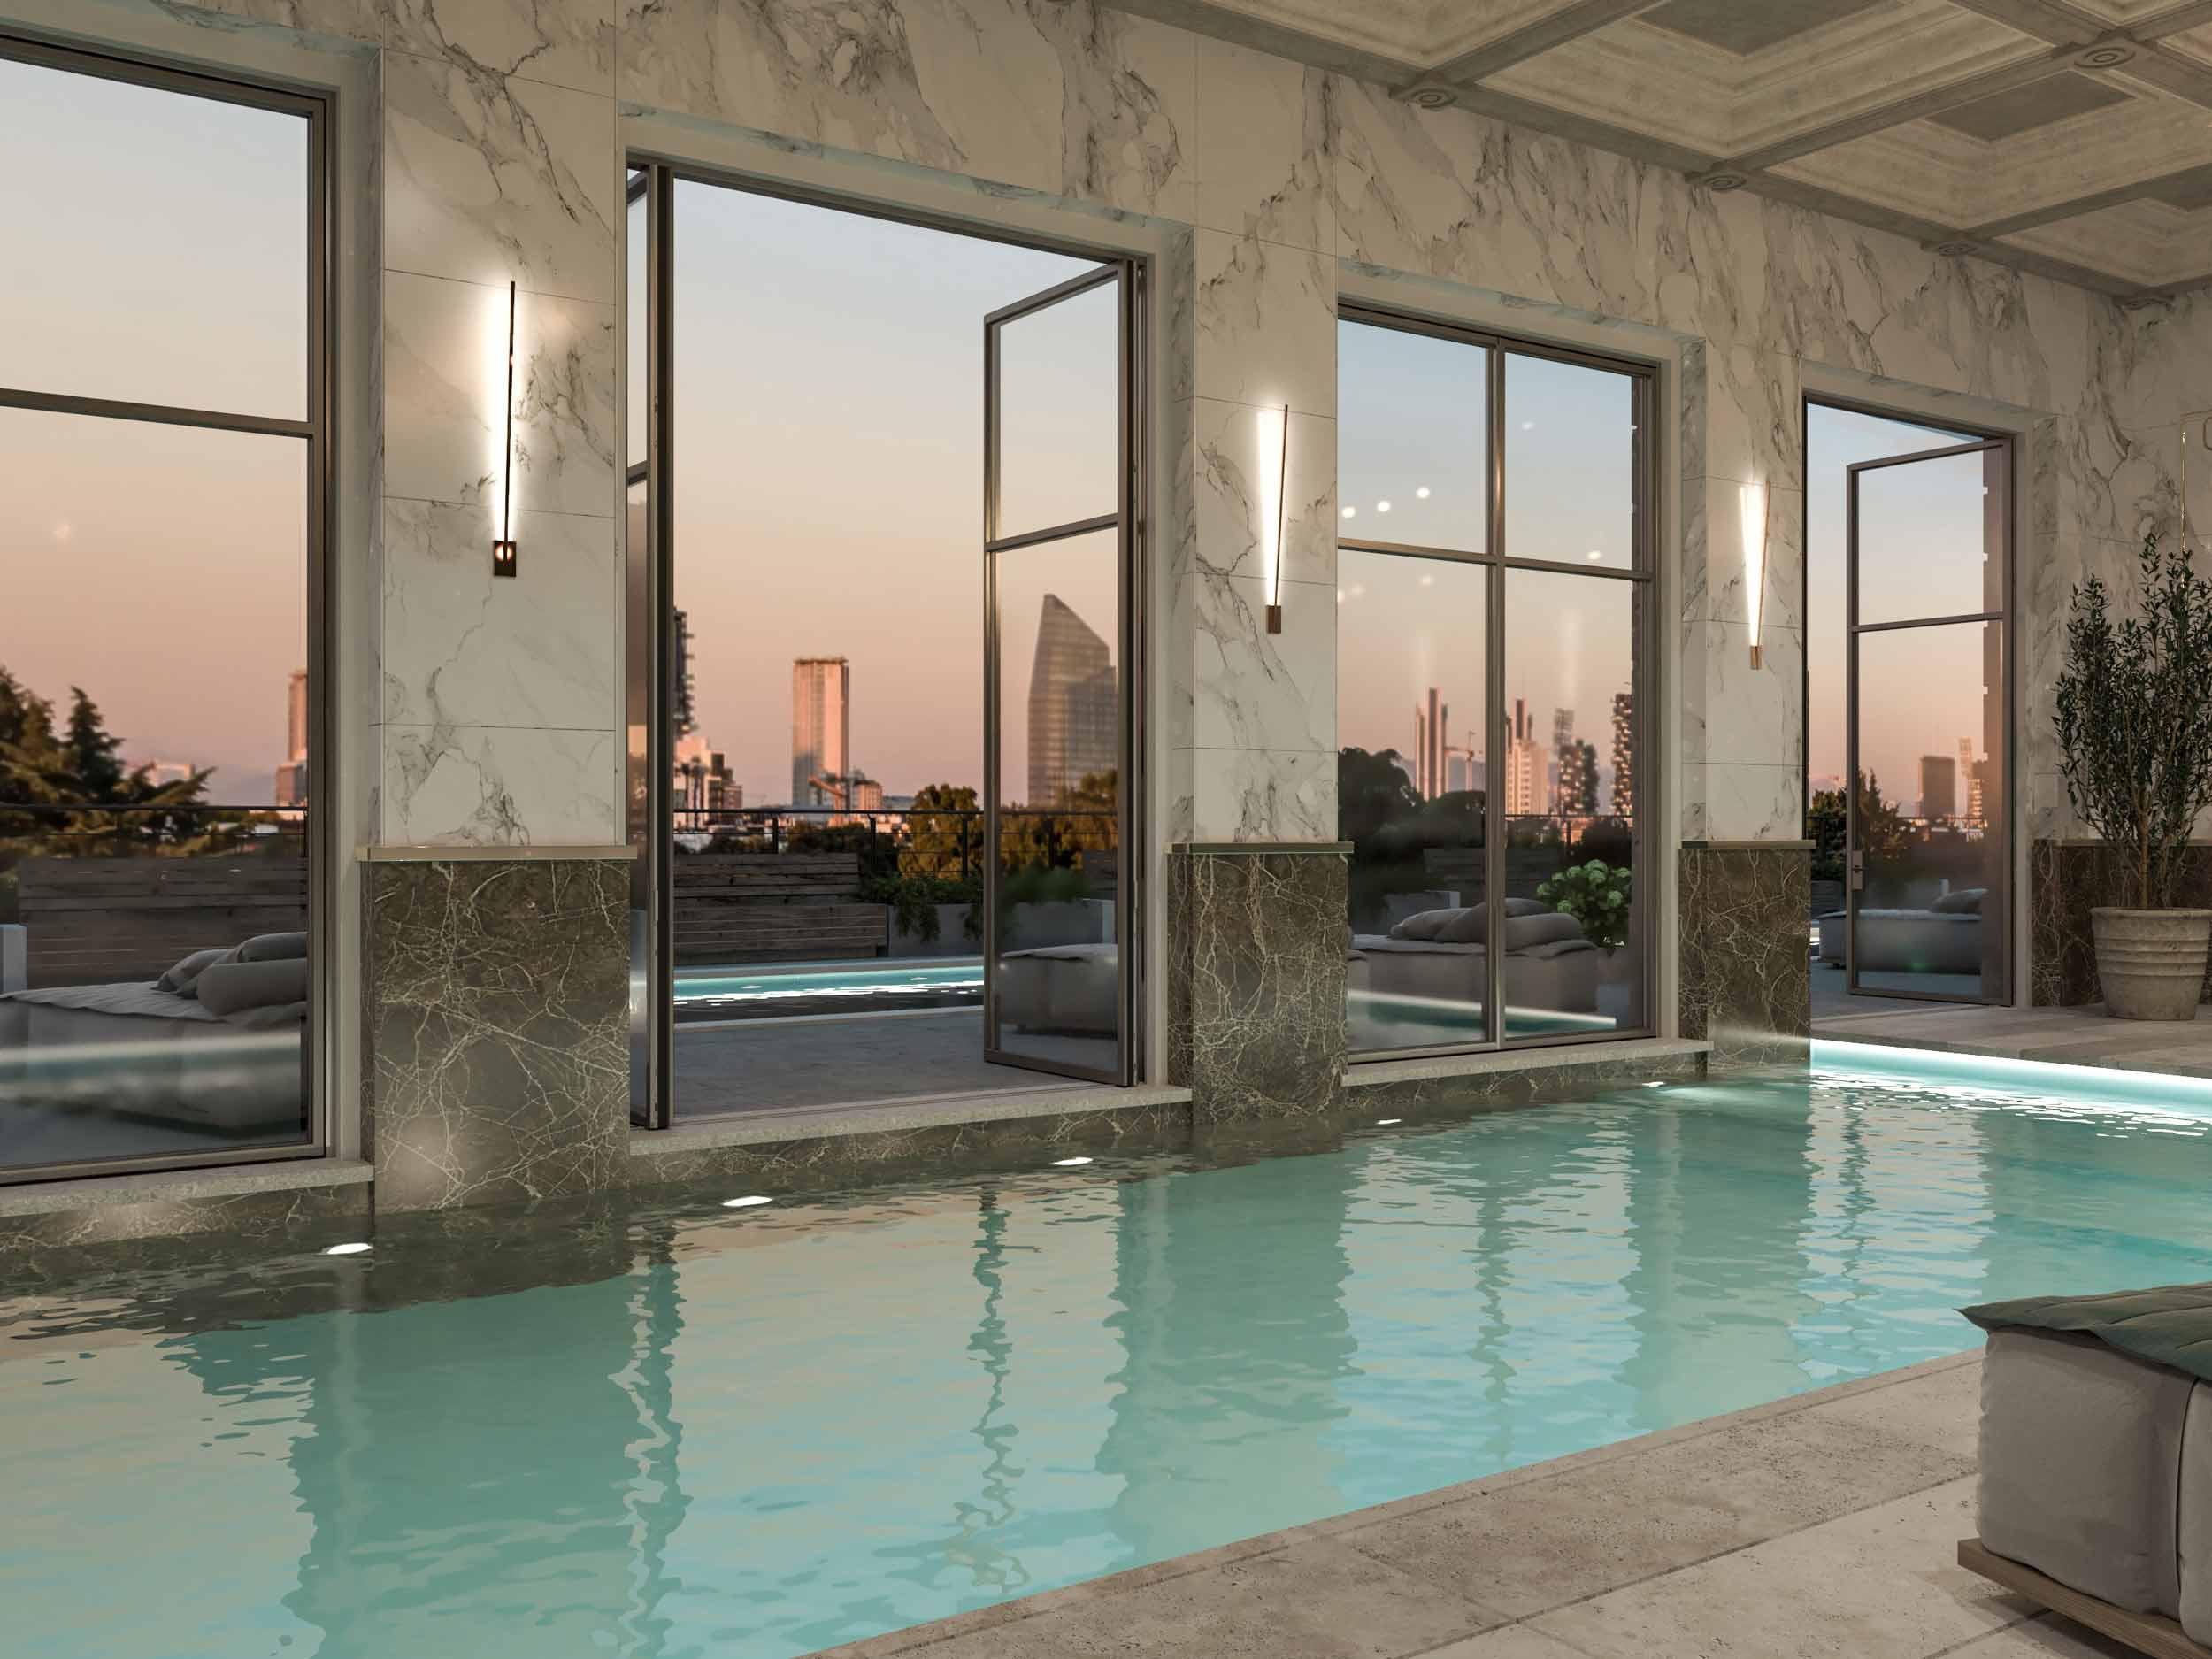 Vue d'une piscine intérieure avec fenêtres à double battant Skyline Metal